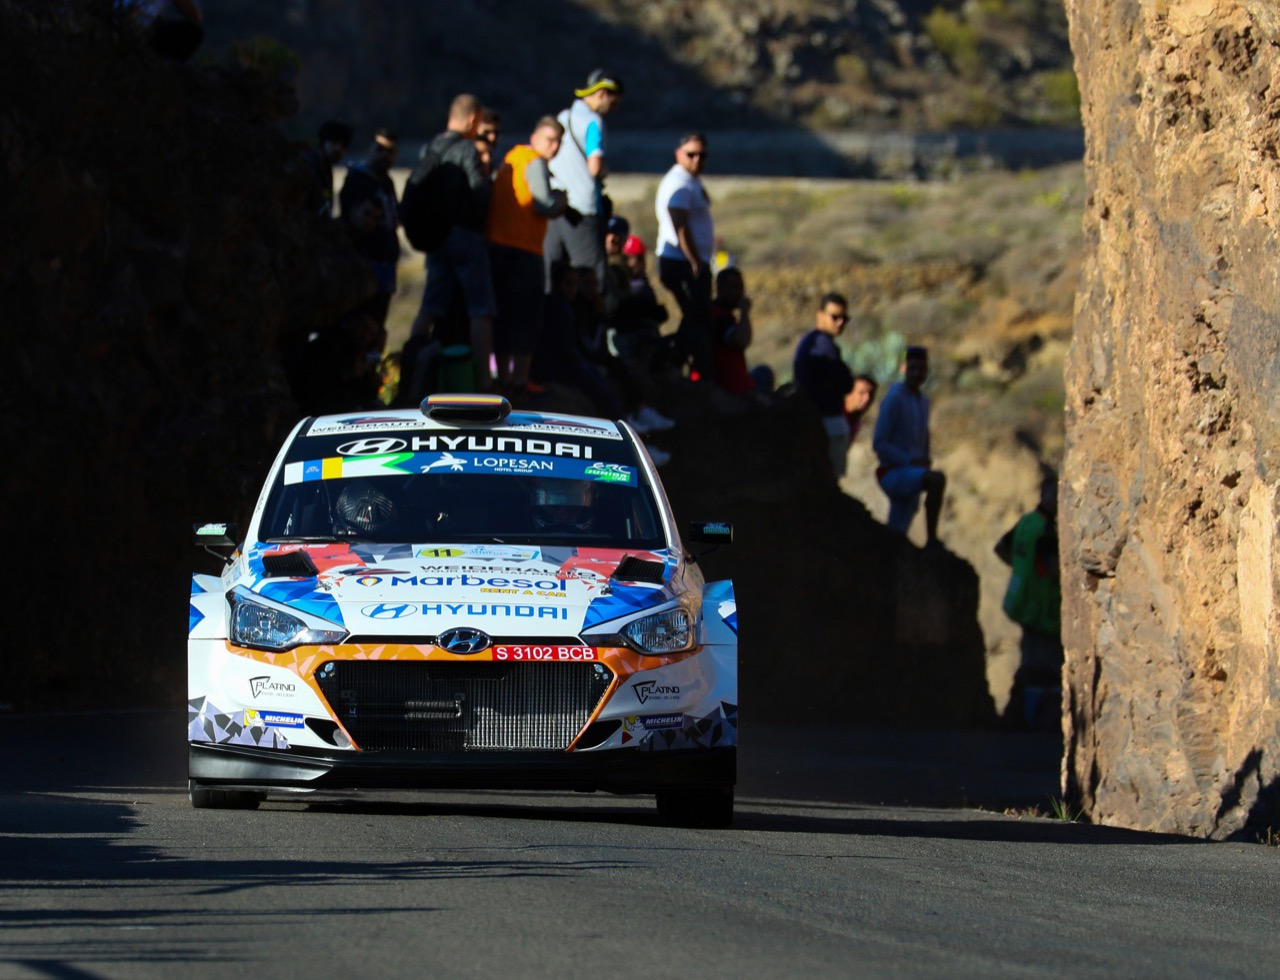 04.05.2017 - Shakedown, Alejandro Surhayen Pernía Calderón (ESP) - Carlos Del Barrio Corral (ESP) Hyundai i20 R5, RMC Motorsport